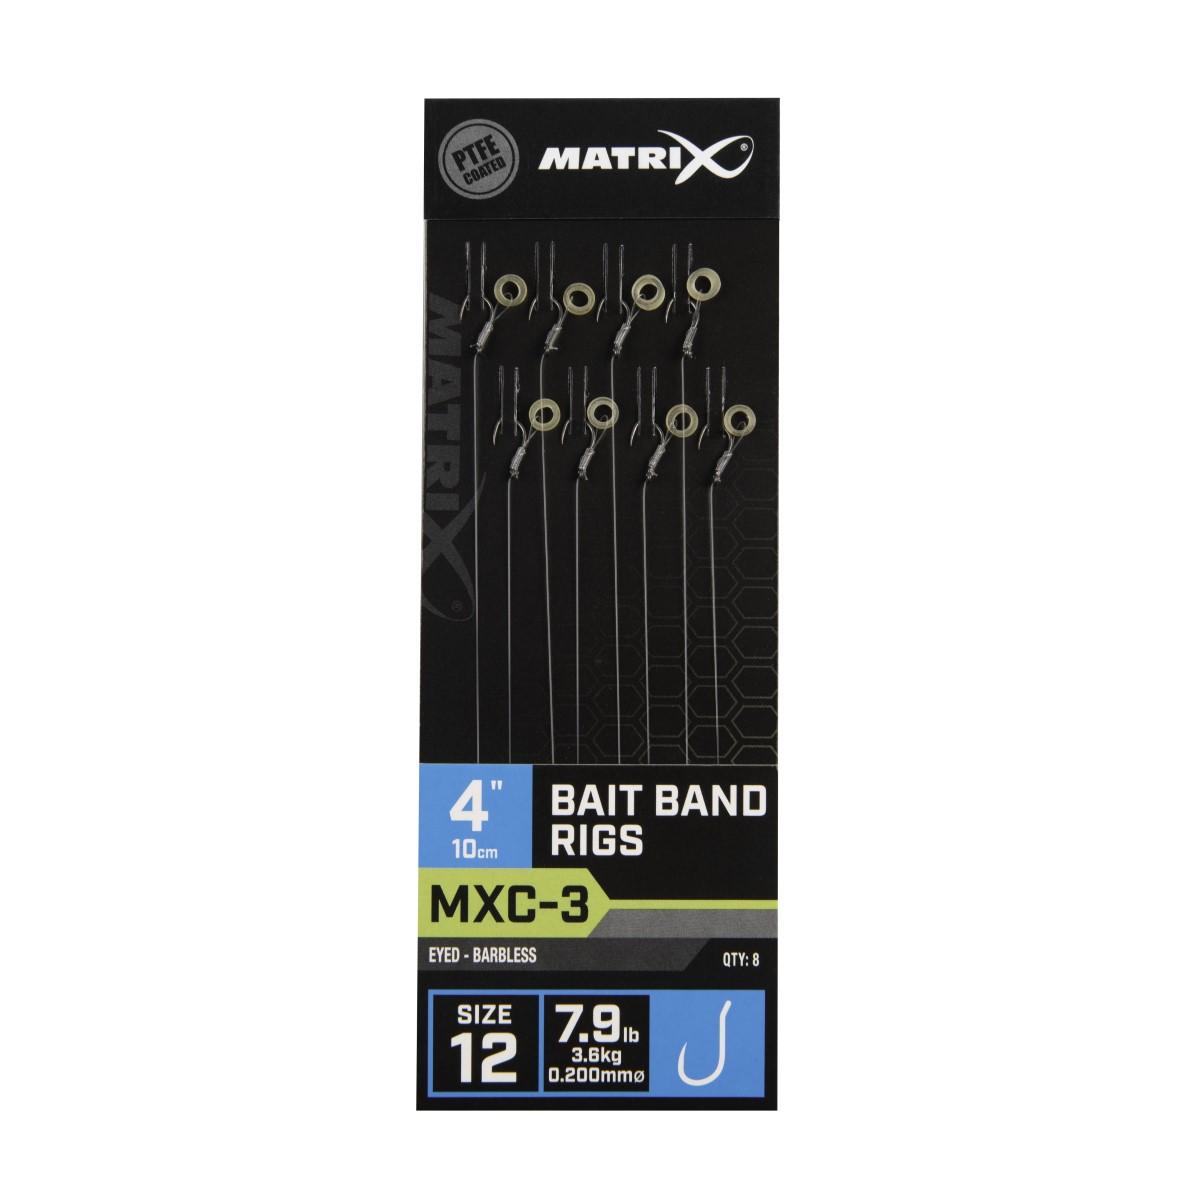 Вързани куки Matrix MXC-3 Bait Band Rigs 10cm №12